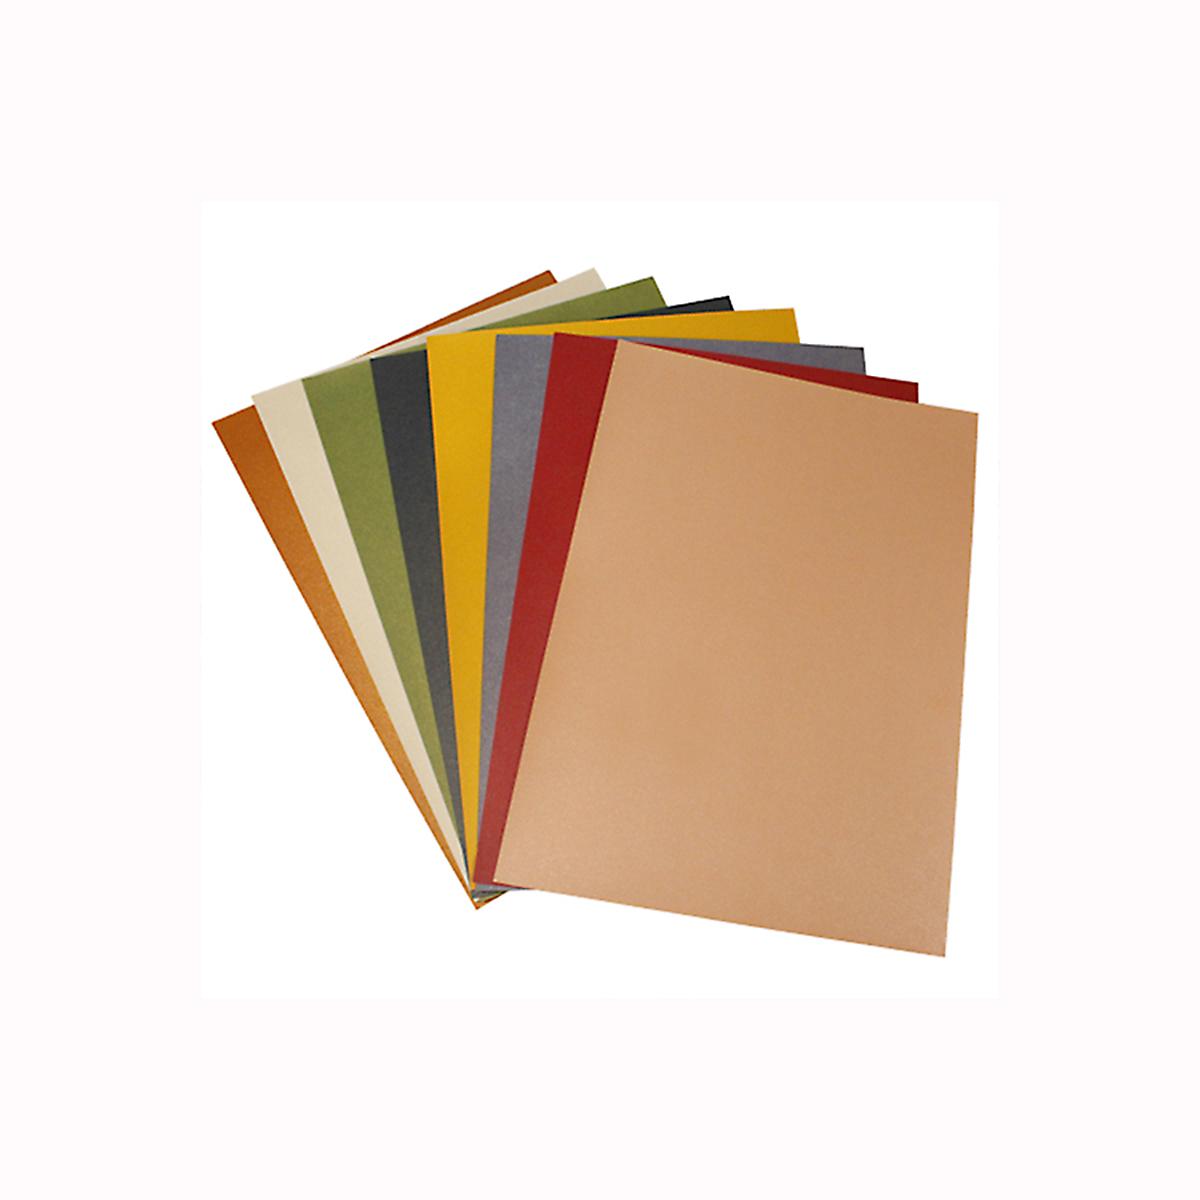 Бумага Бэстекс Перламутровая, 8 листов. 545638AM596002Бумага Бэстекс Перламутровая идеально подходит для творческих работ и скрапбукинга.Бумага Бэстекс Перламутровая поможет вам сохранить все важные моменты жизни на собственных изделиях из фотографий, газетных вырезок, рисунков и других памятных мелочей. Эту бумагу можно использовать как фон или для создания декоративных элементов.В наборе 8 листов формата А4.